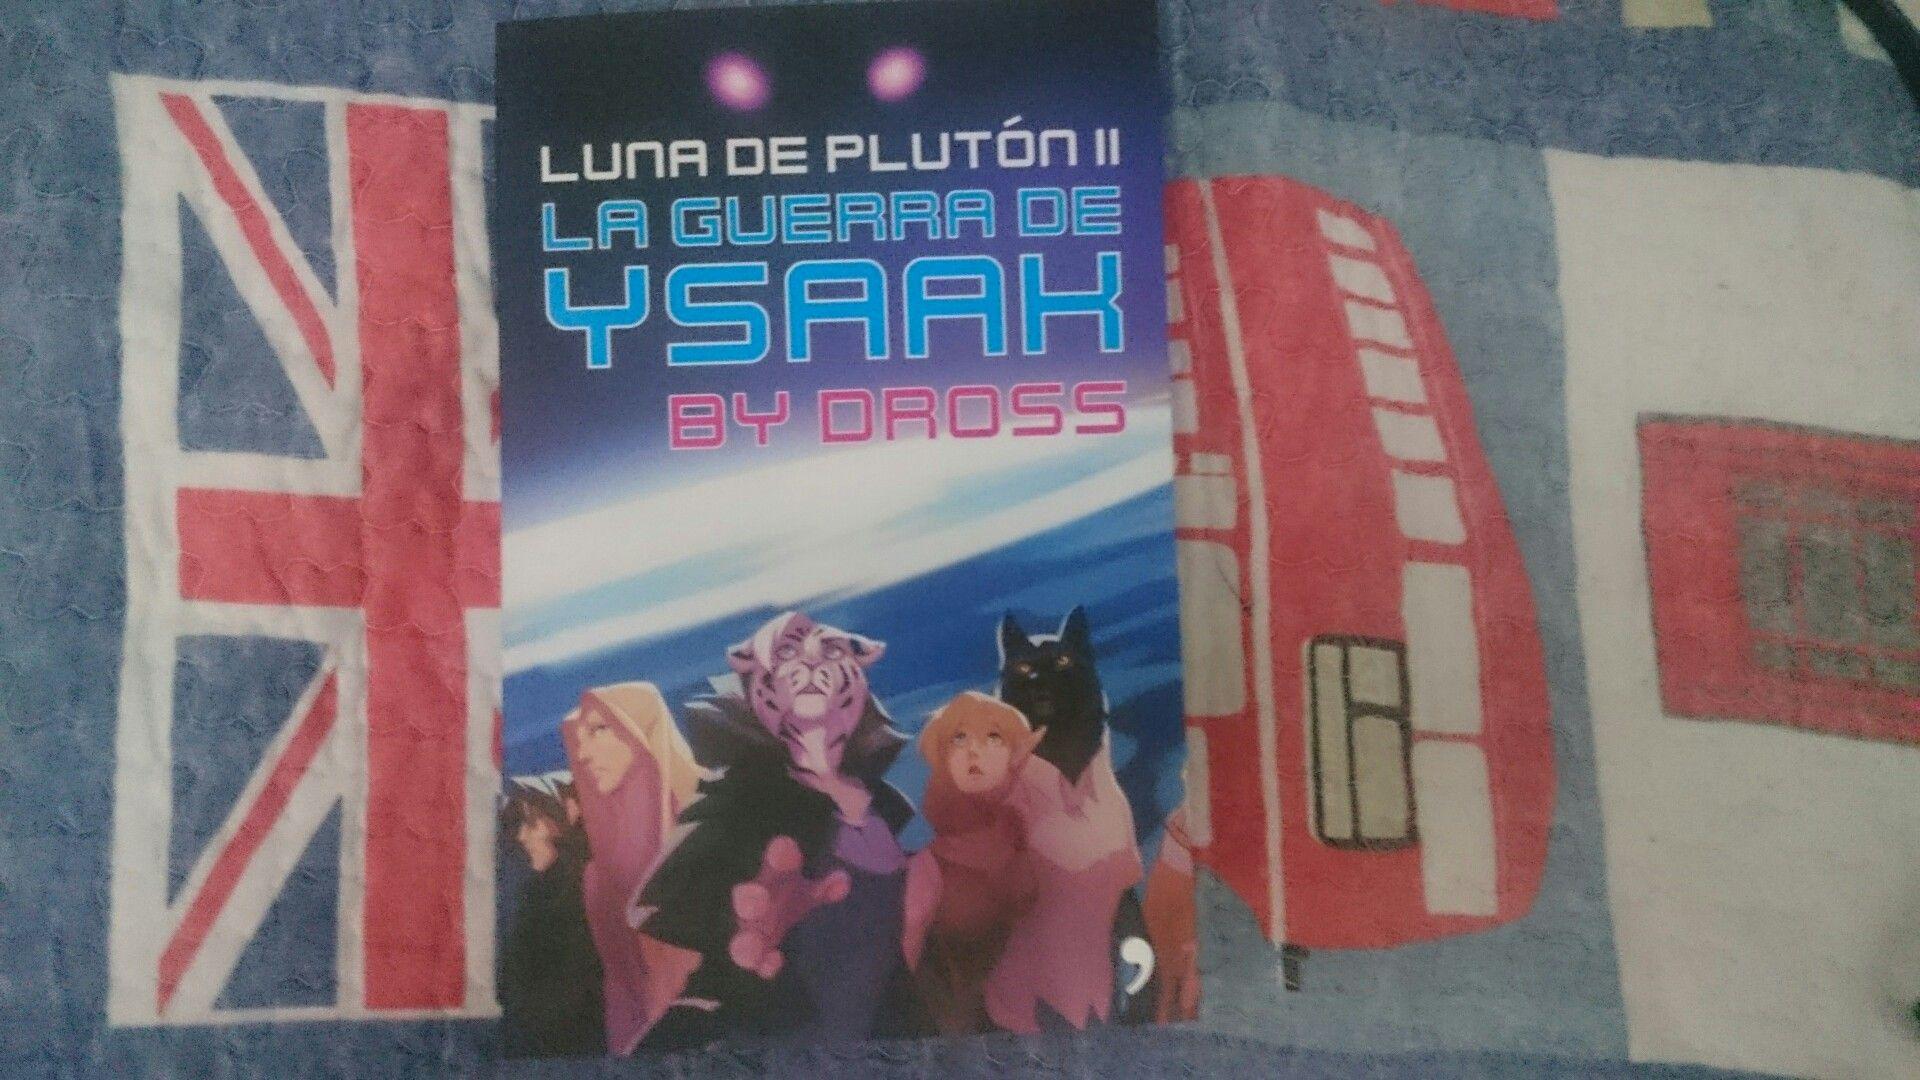 """""""Luna de Plutón ll - La Guerra de Ysaak"""" escrito por Dross."""